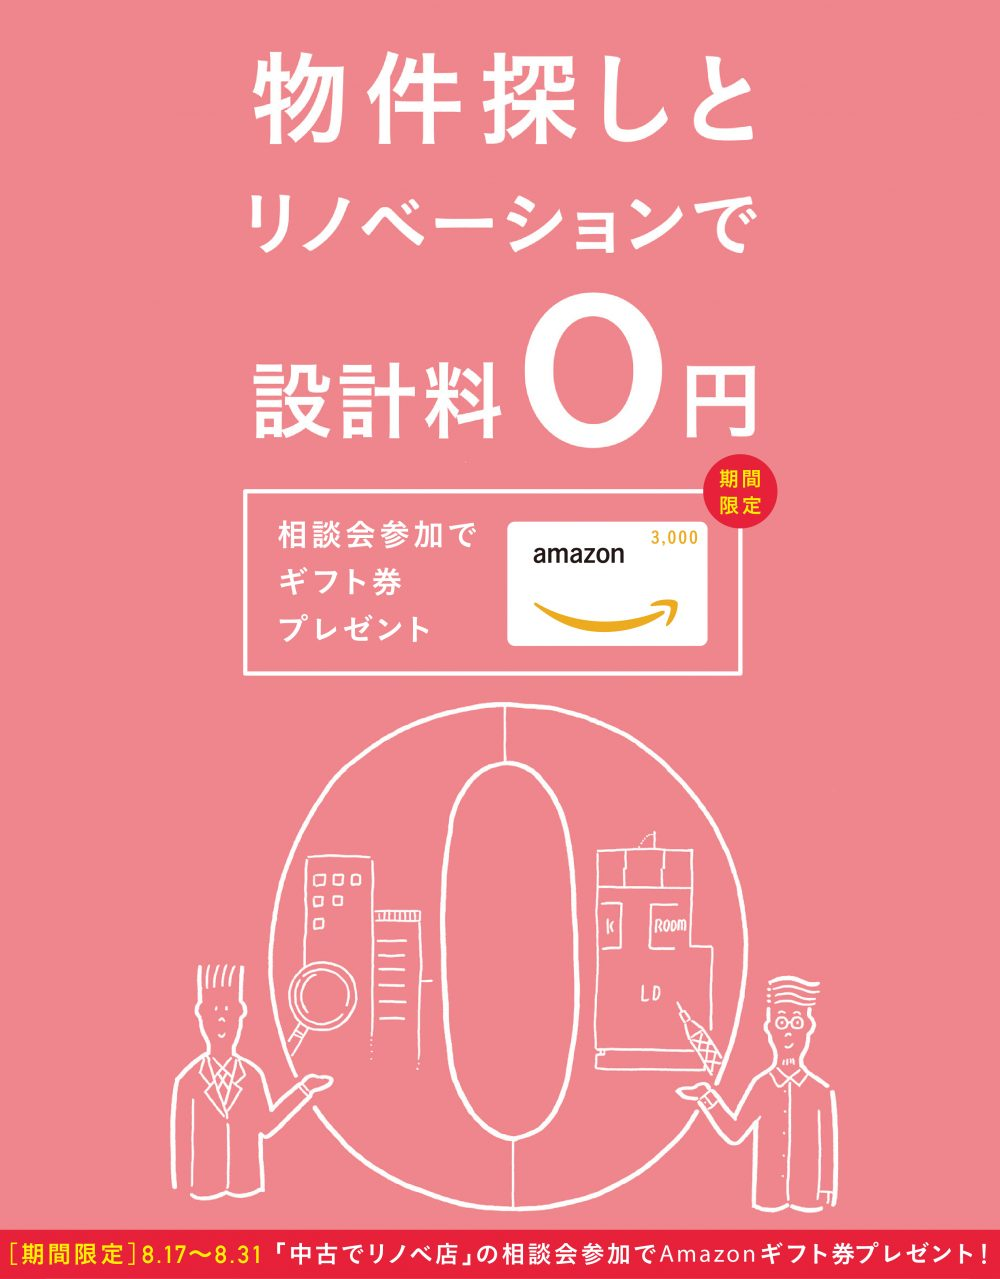 リノベーションで設計料0円 Amazonギフト券プレゼント